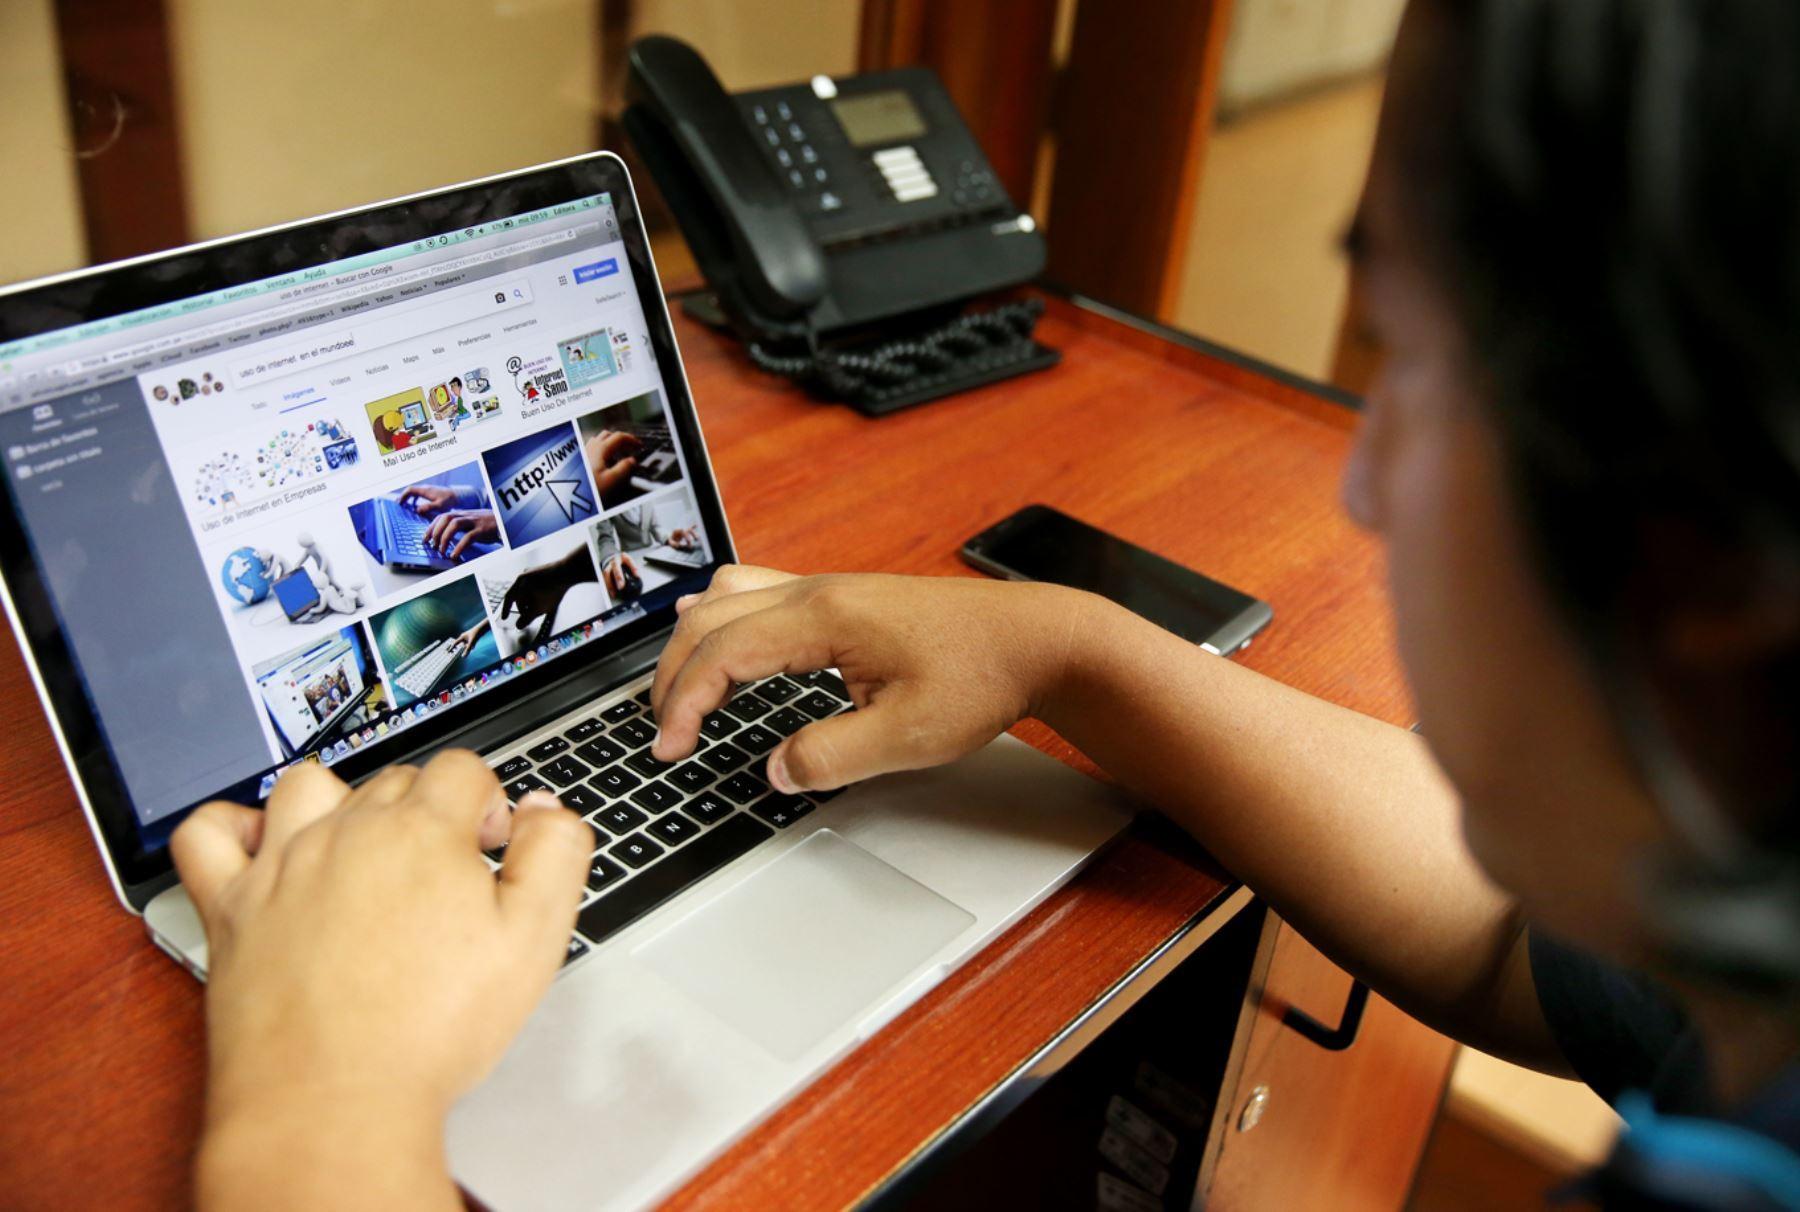 Estas tres marcas lideran la satisfacción de clientes por su servicio de internet